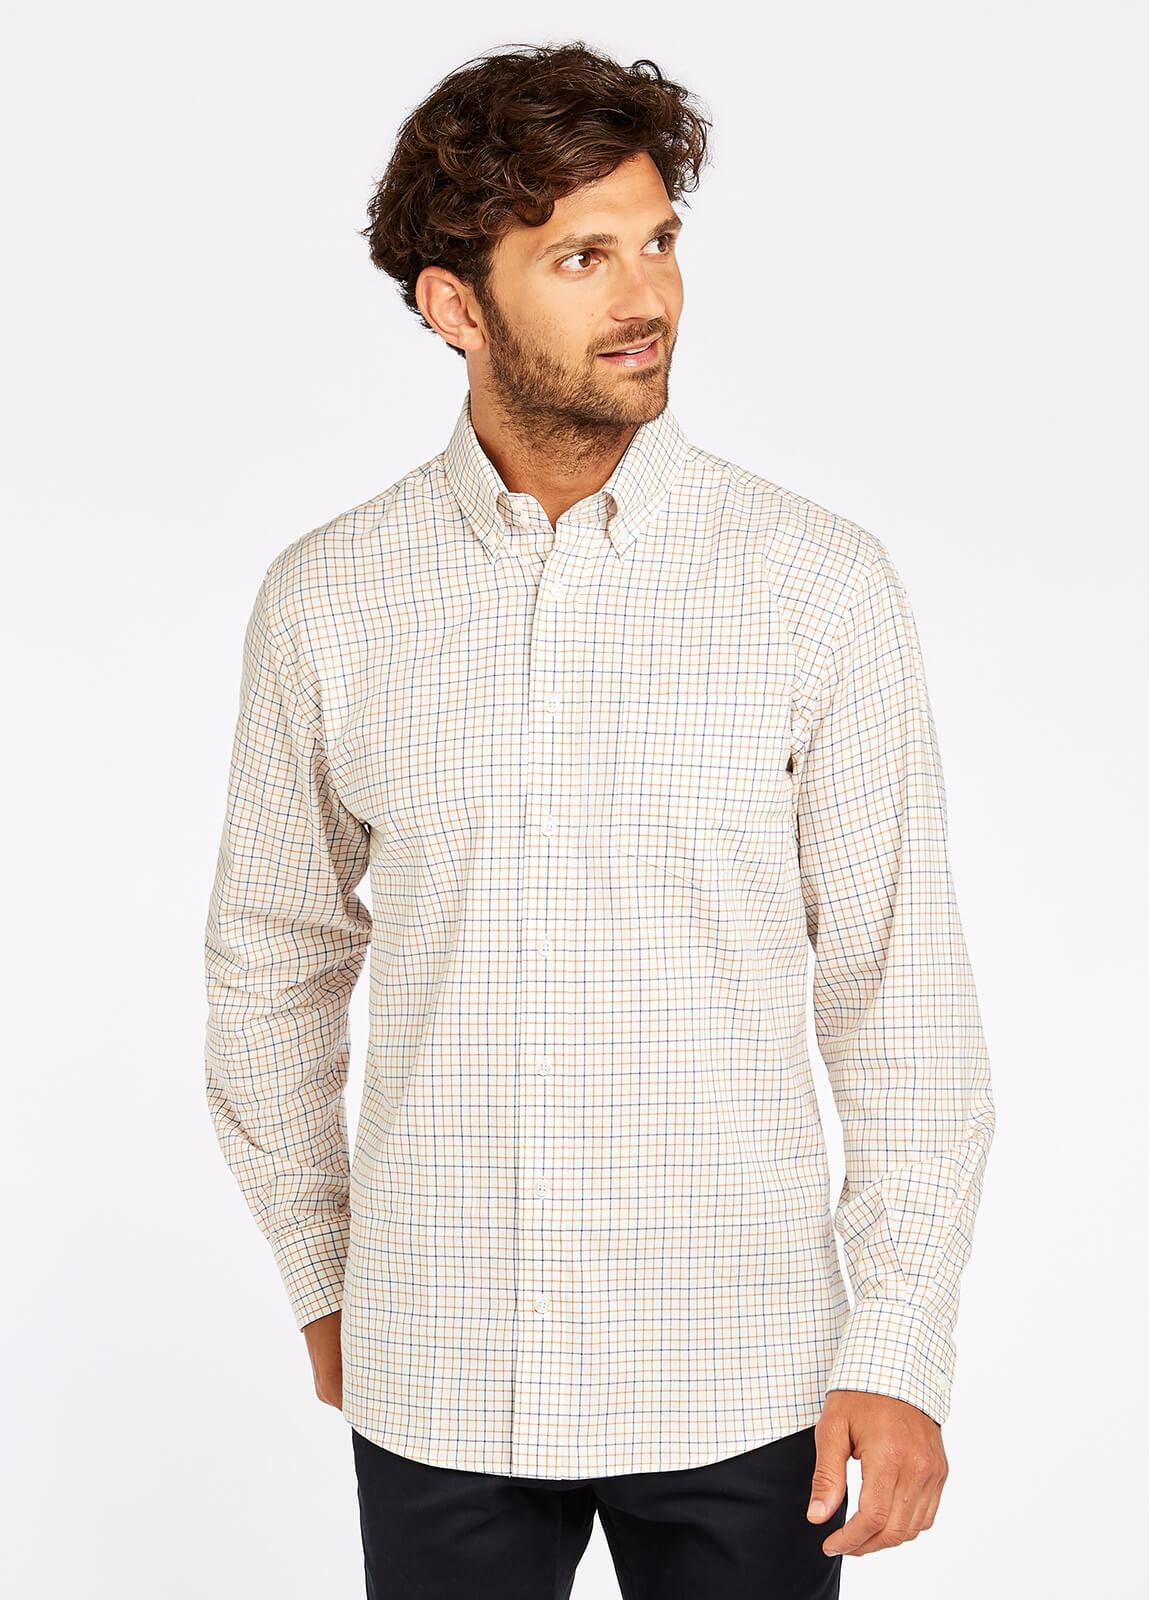 Muckross Shirt - Harvest